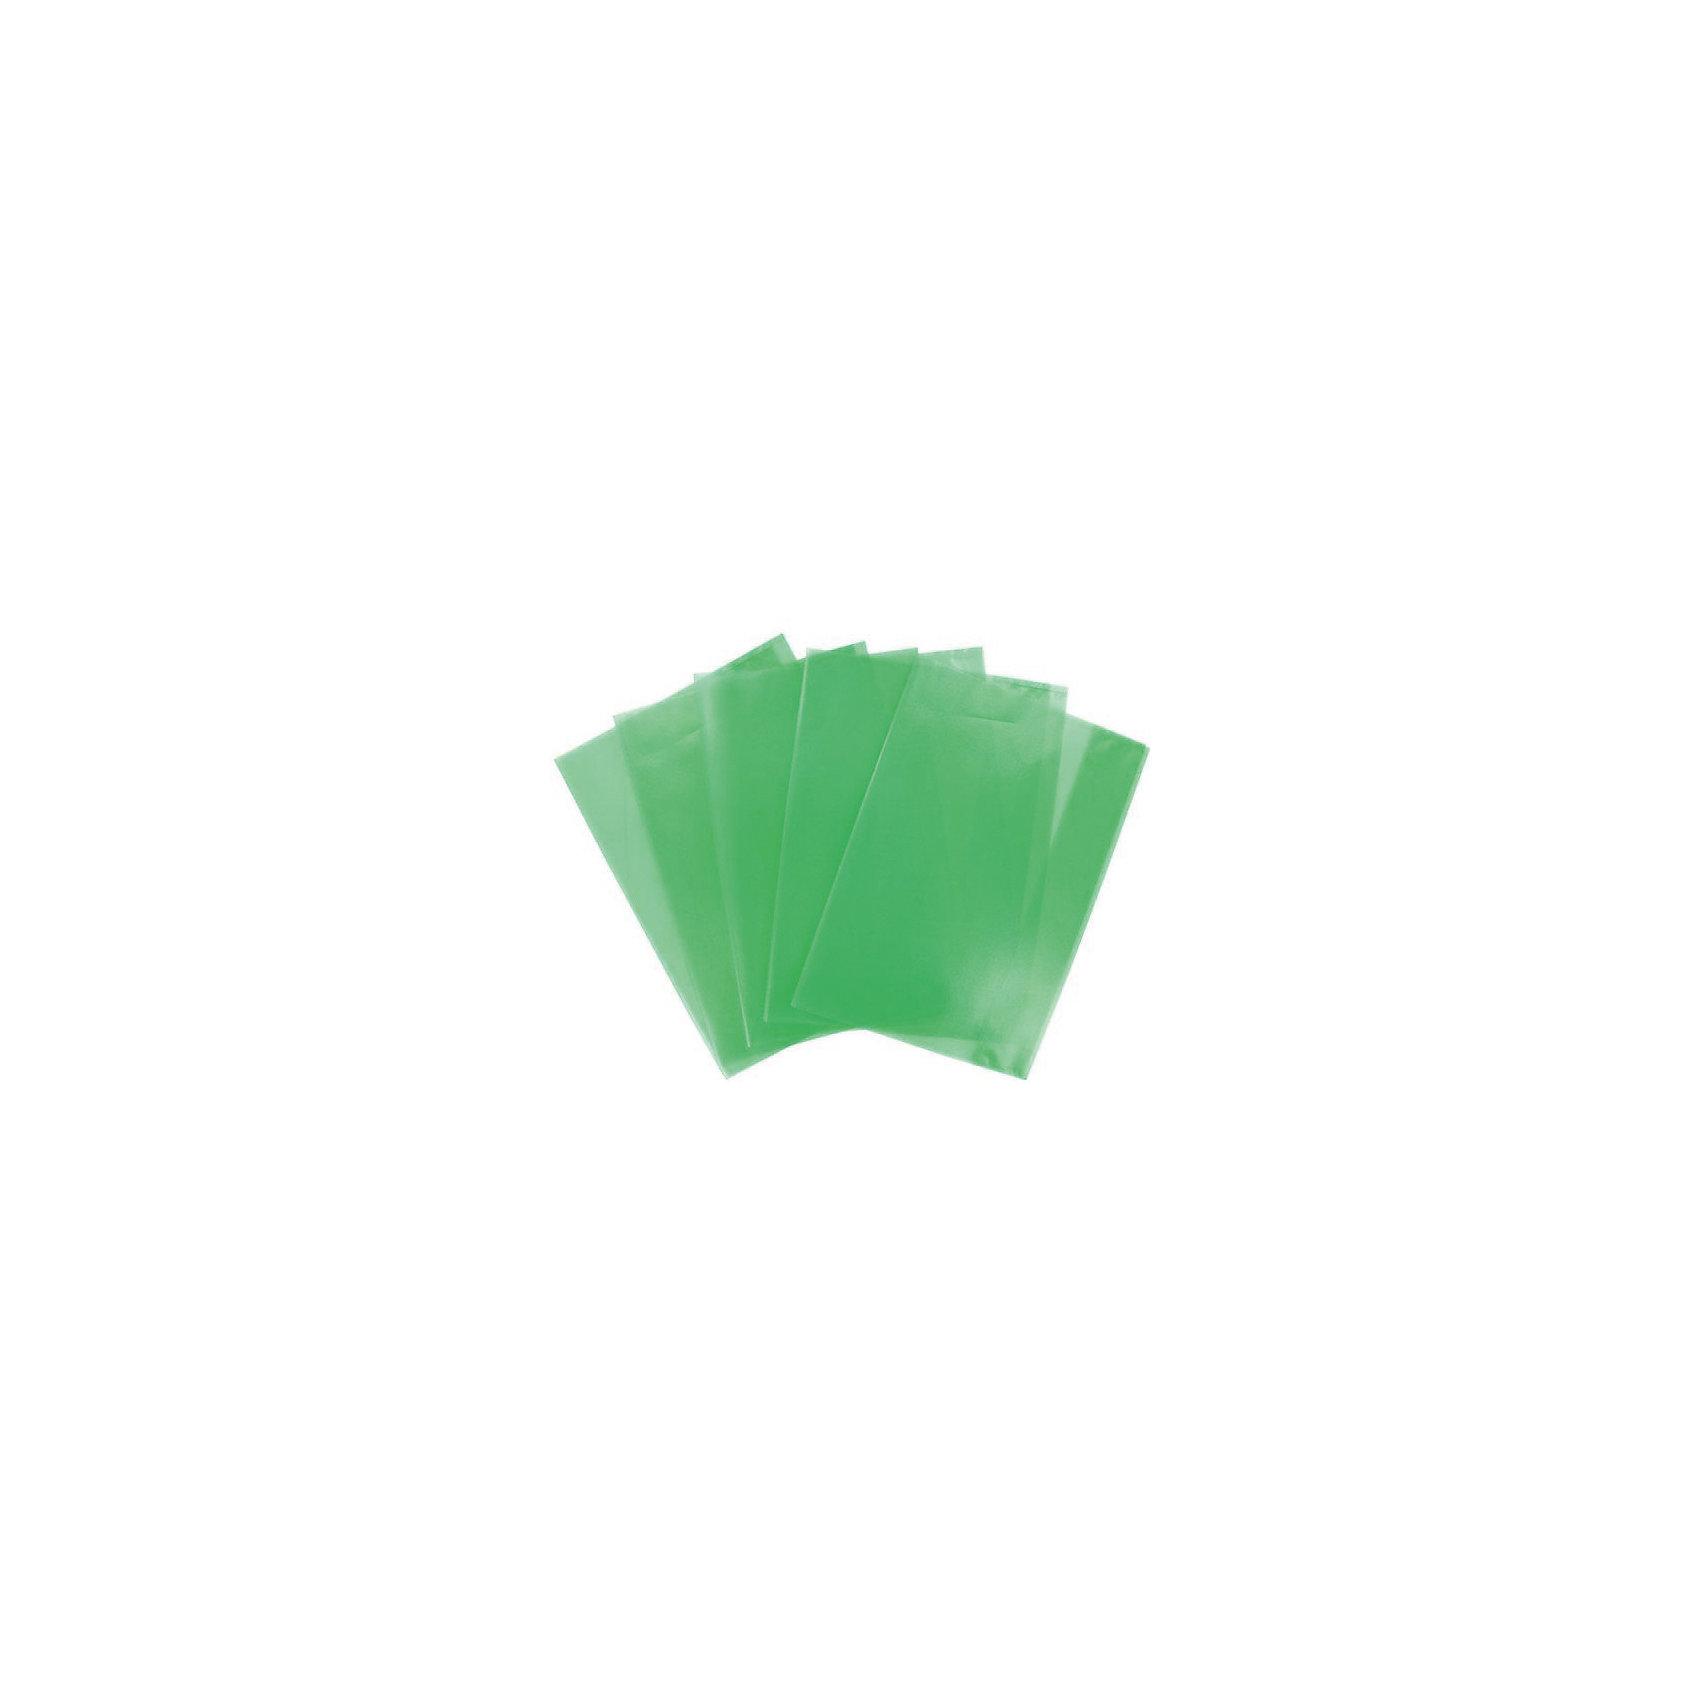 Panta Plast Набор обложек для тетрадей ф.А5, 5 шт.Школьные аксессуары<br>Характеристики товара:<br><br>• в комплекте: 5 обложек;<br>• формат: А5;<br>• поверхность: «апельсиновая корка»;<br>• размер обложки:21х34,8 см;<br>• материал: полипропилен;<br>• возраст: от 6 лет;<br>• цвет: зеленый;<br>• размер упаковки: 21х34,8 см;<br>• вес: 58 грамм. <br><br>Обложки Panta Plast сохранят тетради опрятными в течение учебного года. Они защитят от загрязнений, намокания и преждевременного изнашивания. Обложки изготовлены из прочного полипропилена зеленого цвета. Поверхность по типу «апельсиновая корка» всегда будет радовать глаз.<br><br>Panta Plast (Панта Пласт) Набор обложек для тетрадей ф.А5, 5 шт. можно купить в нашем интернет-магазине.<br><br>Ширина мм: 348<br>Глубина мм: 210<br>Высота мм: 9999<br>Вес г: 58<br>Возраст от месяцев: 84<br>Возраст до месяцев: 156<br>Пол: Унисекс<br>Возраст: Детский<br>SKU: 6858976